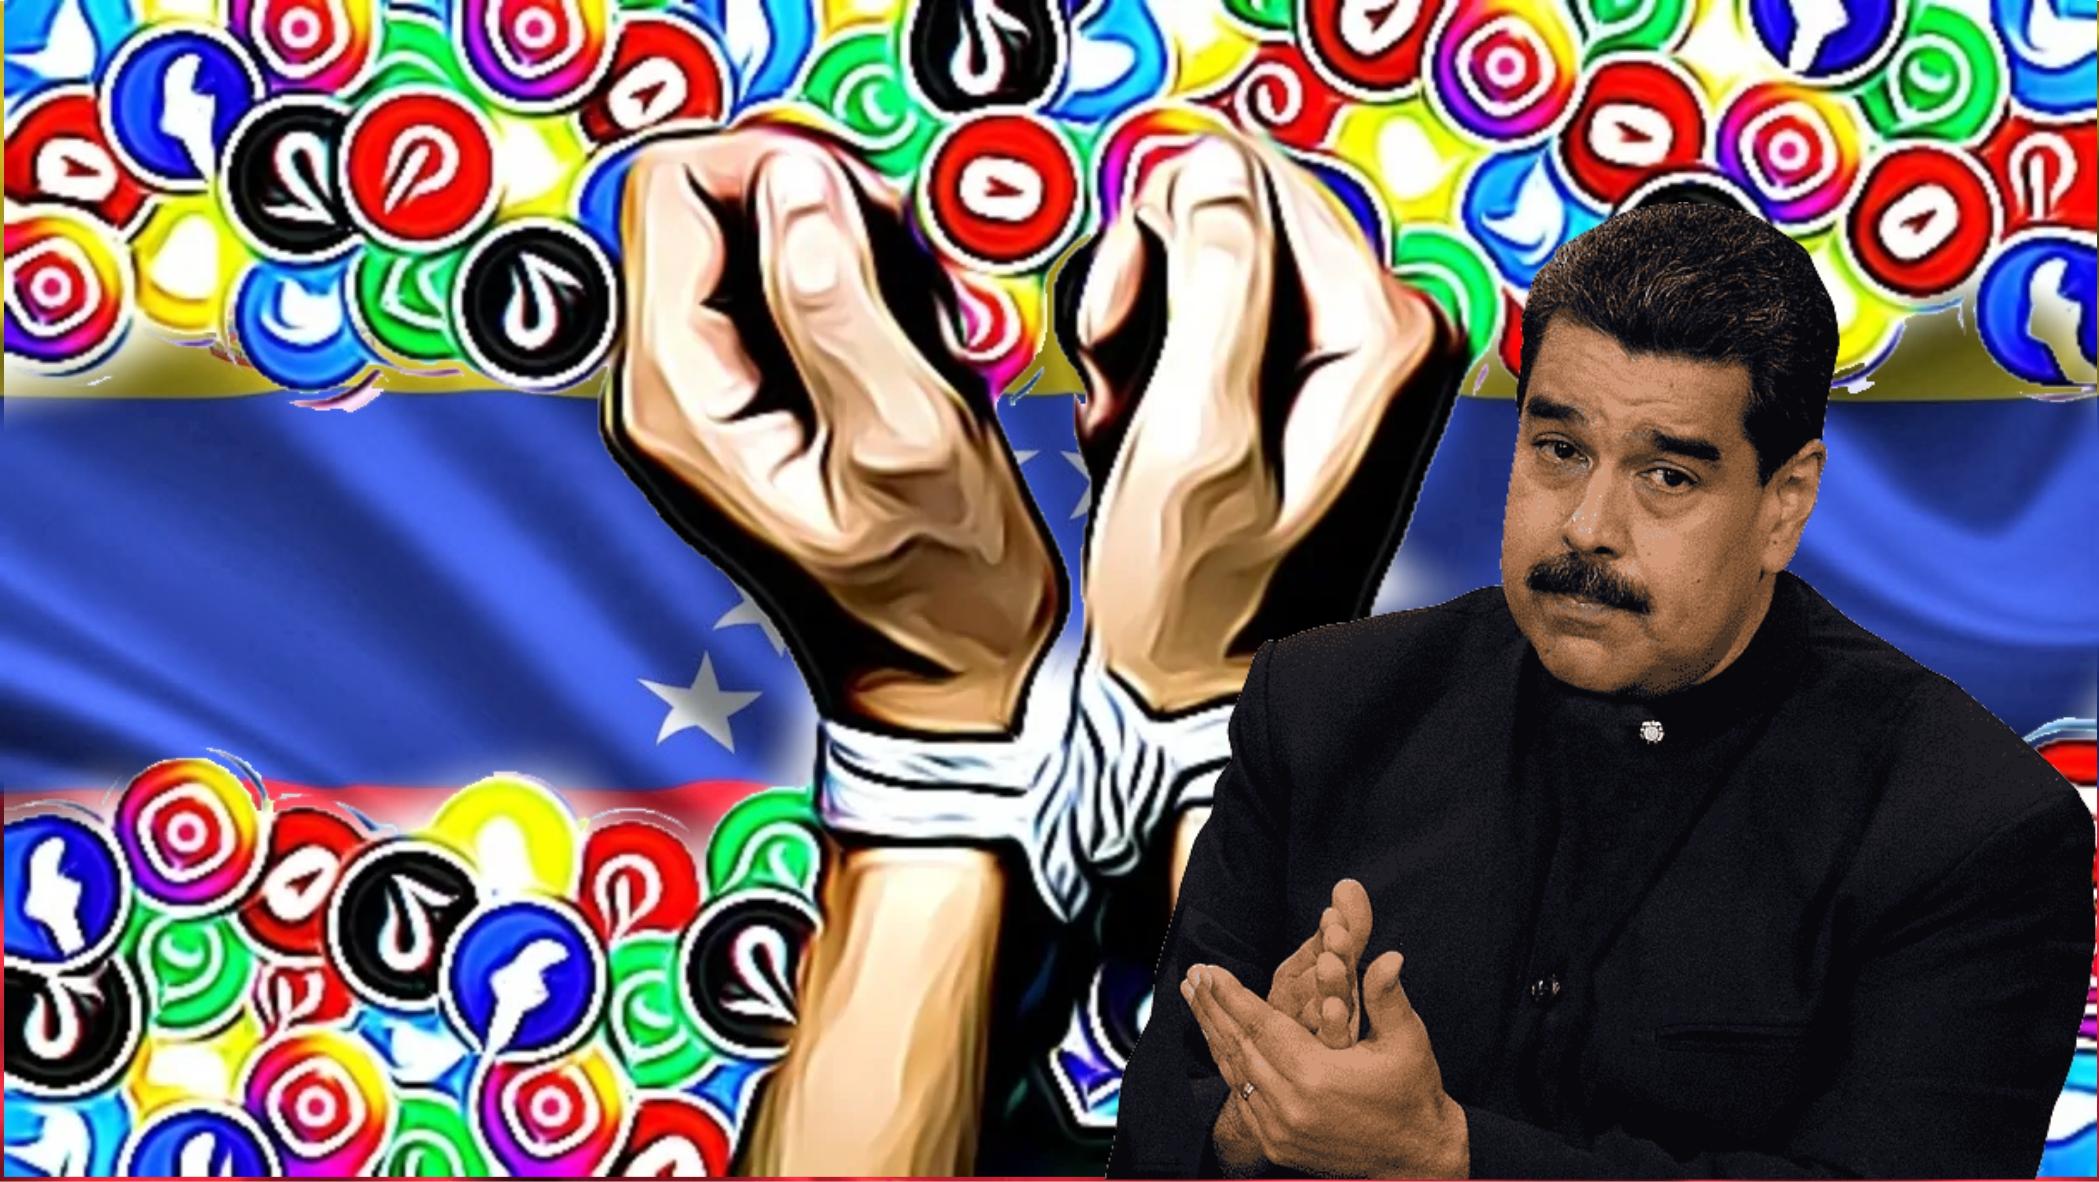 Gobierno de Maduro anuncia proyecto para regular las redes sociales